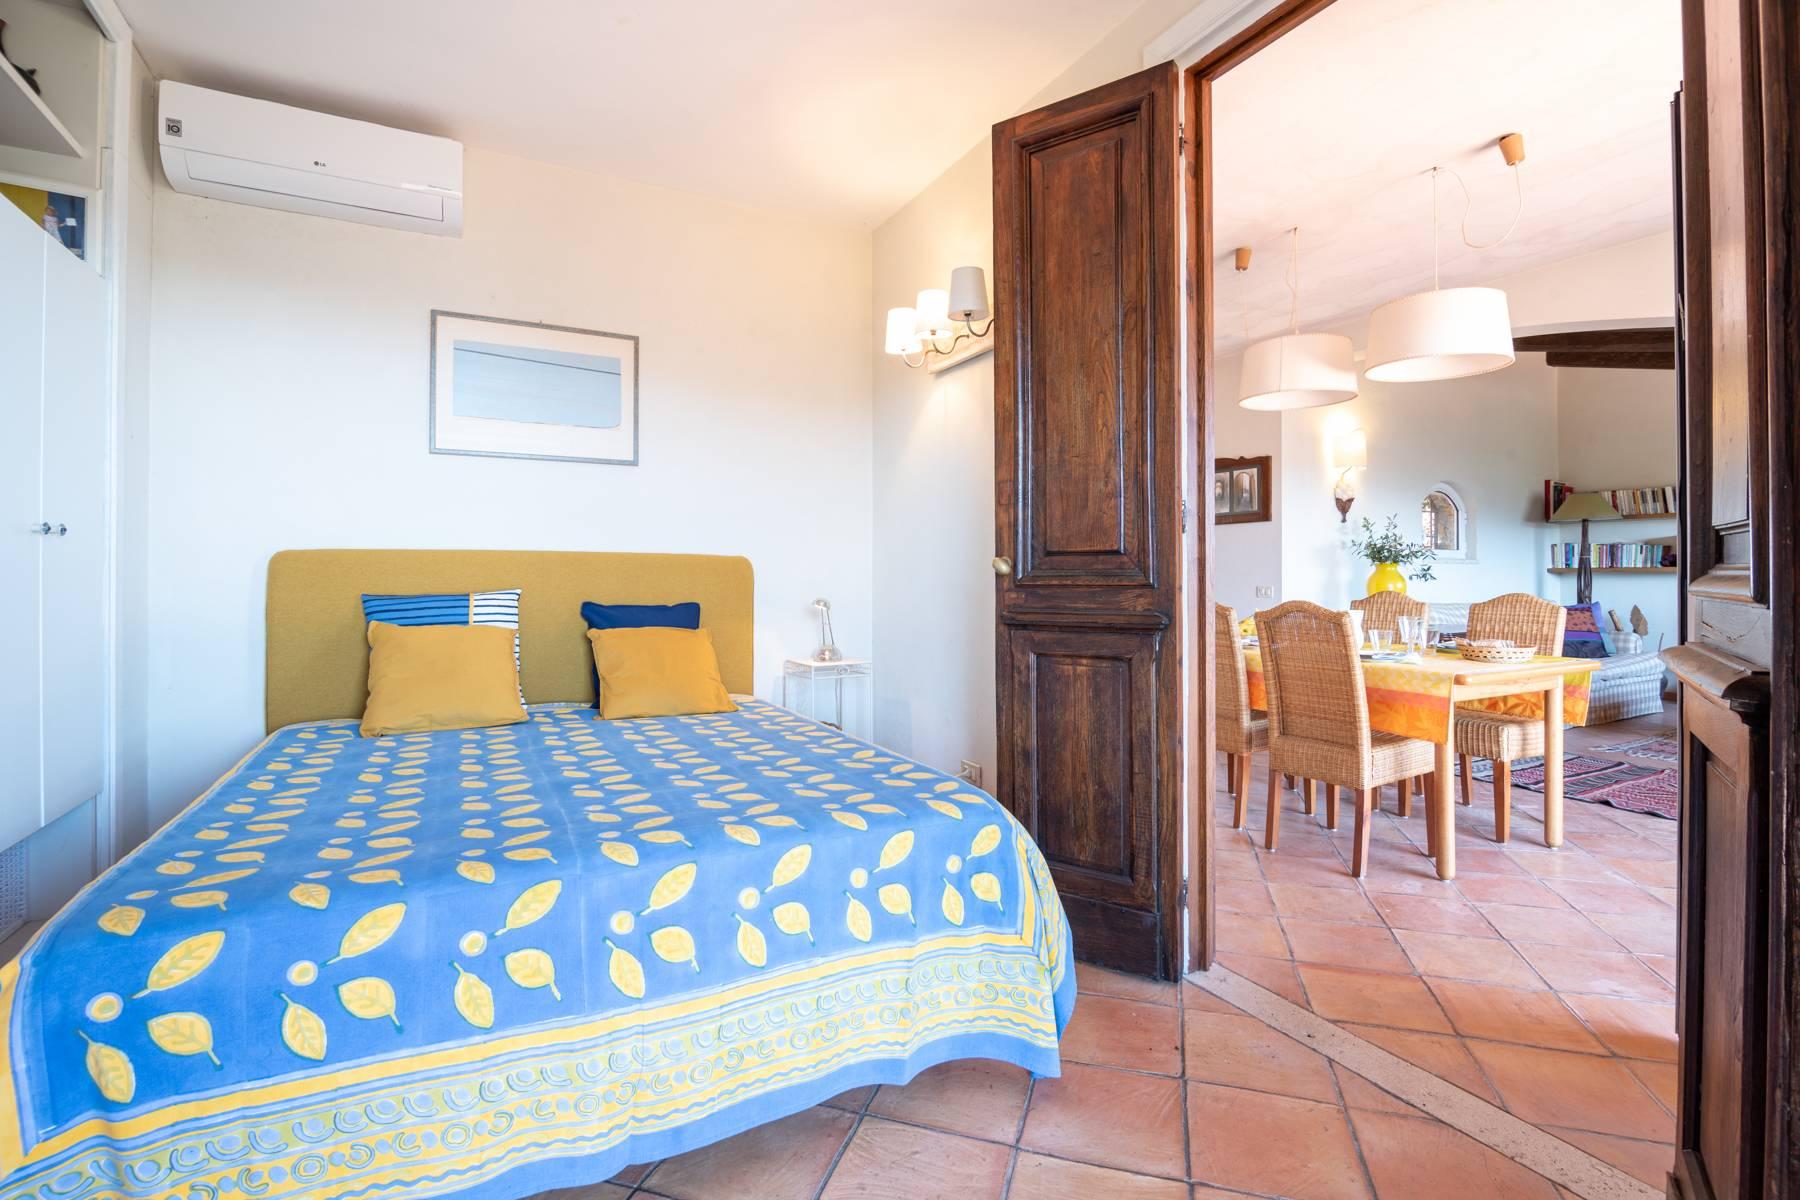 Villa in Vendita a Monte Argentario: 5 locali, 124 mq - Foto 14